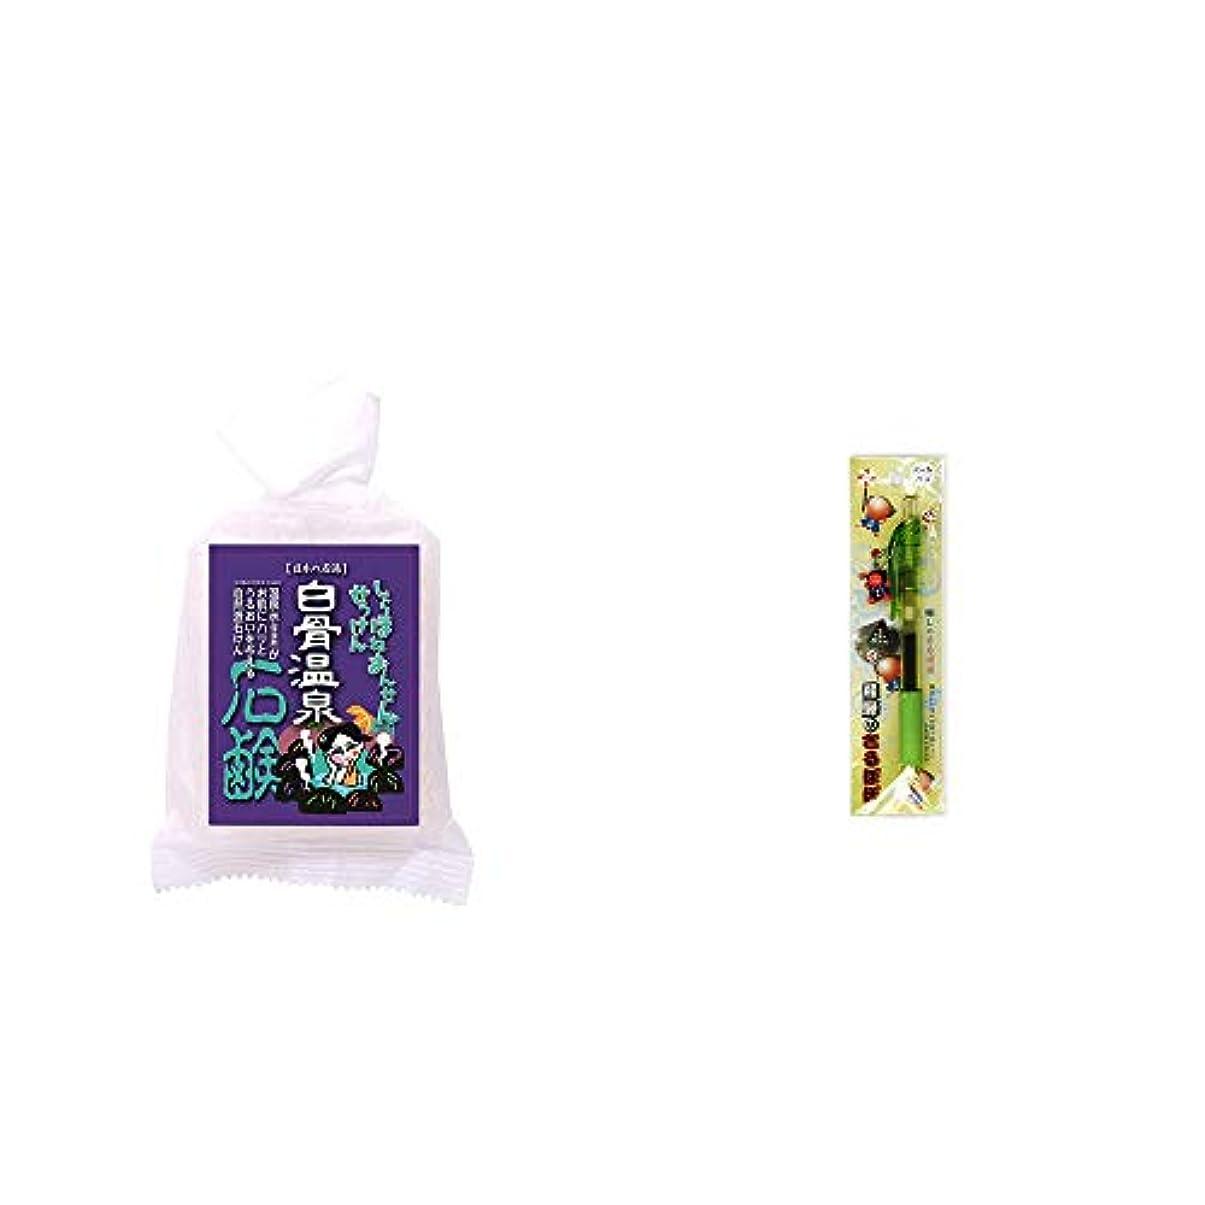 曲がった衛星ポーチ[2点セット] 信州 白骨温泉石鹸(80g)?さるぼぼ 癒しボールペン 【グリーン】